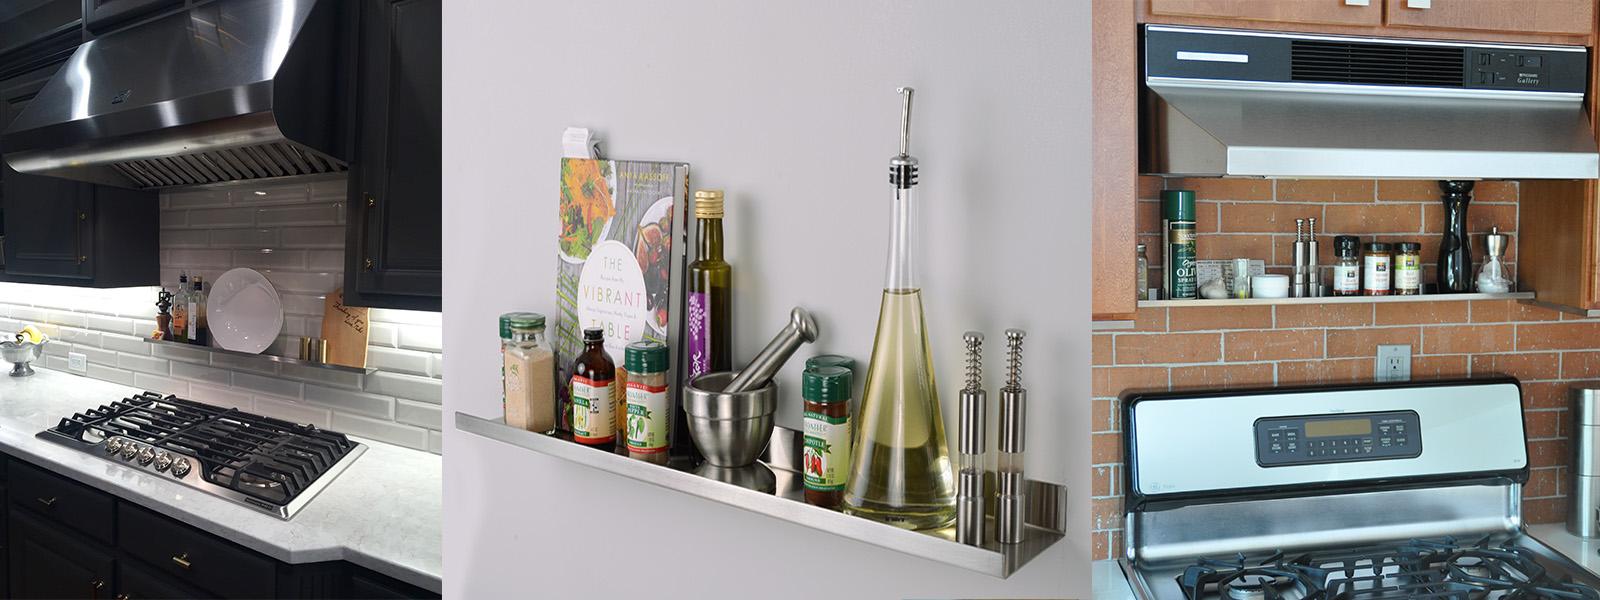 UltraLedge Over the range shelves